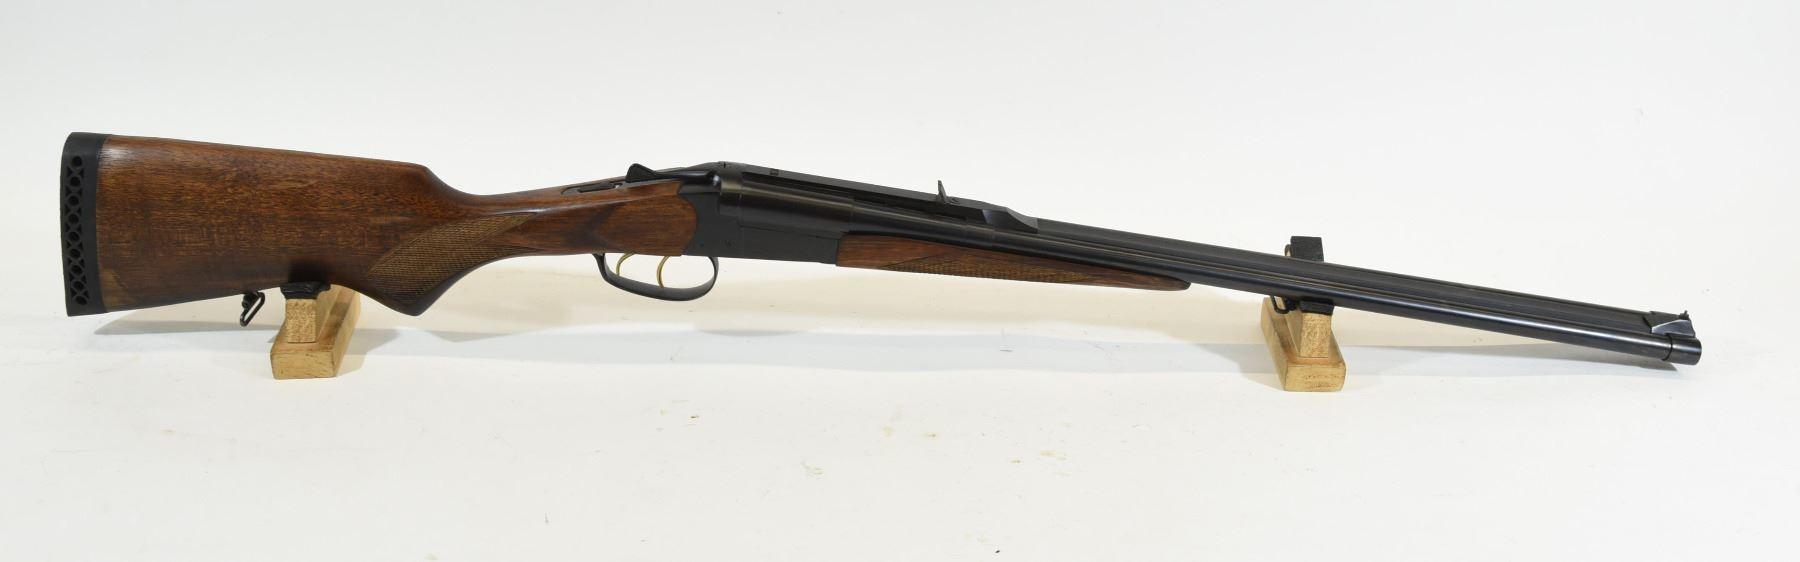 Baikal Mp-221 Rifle